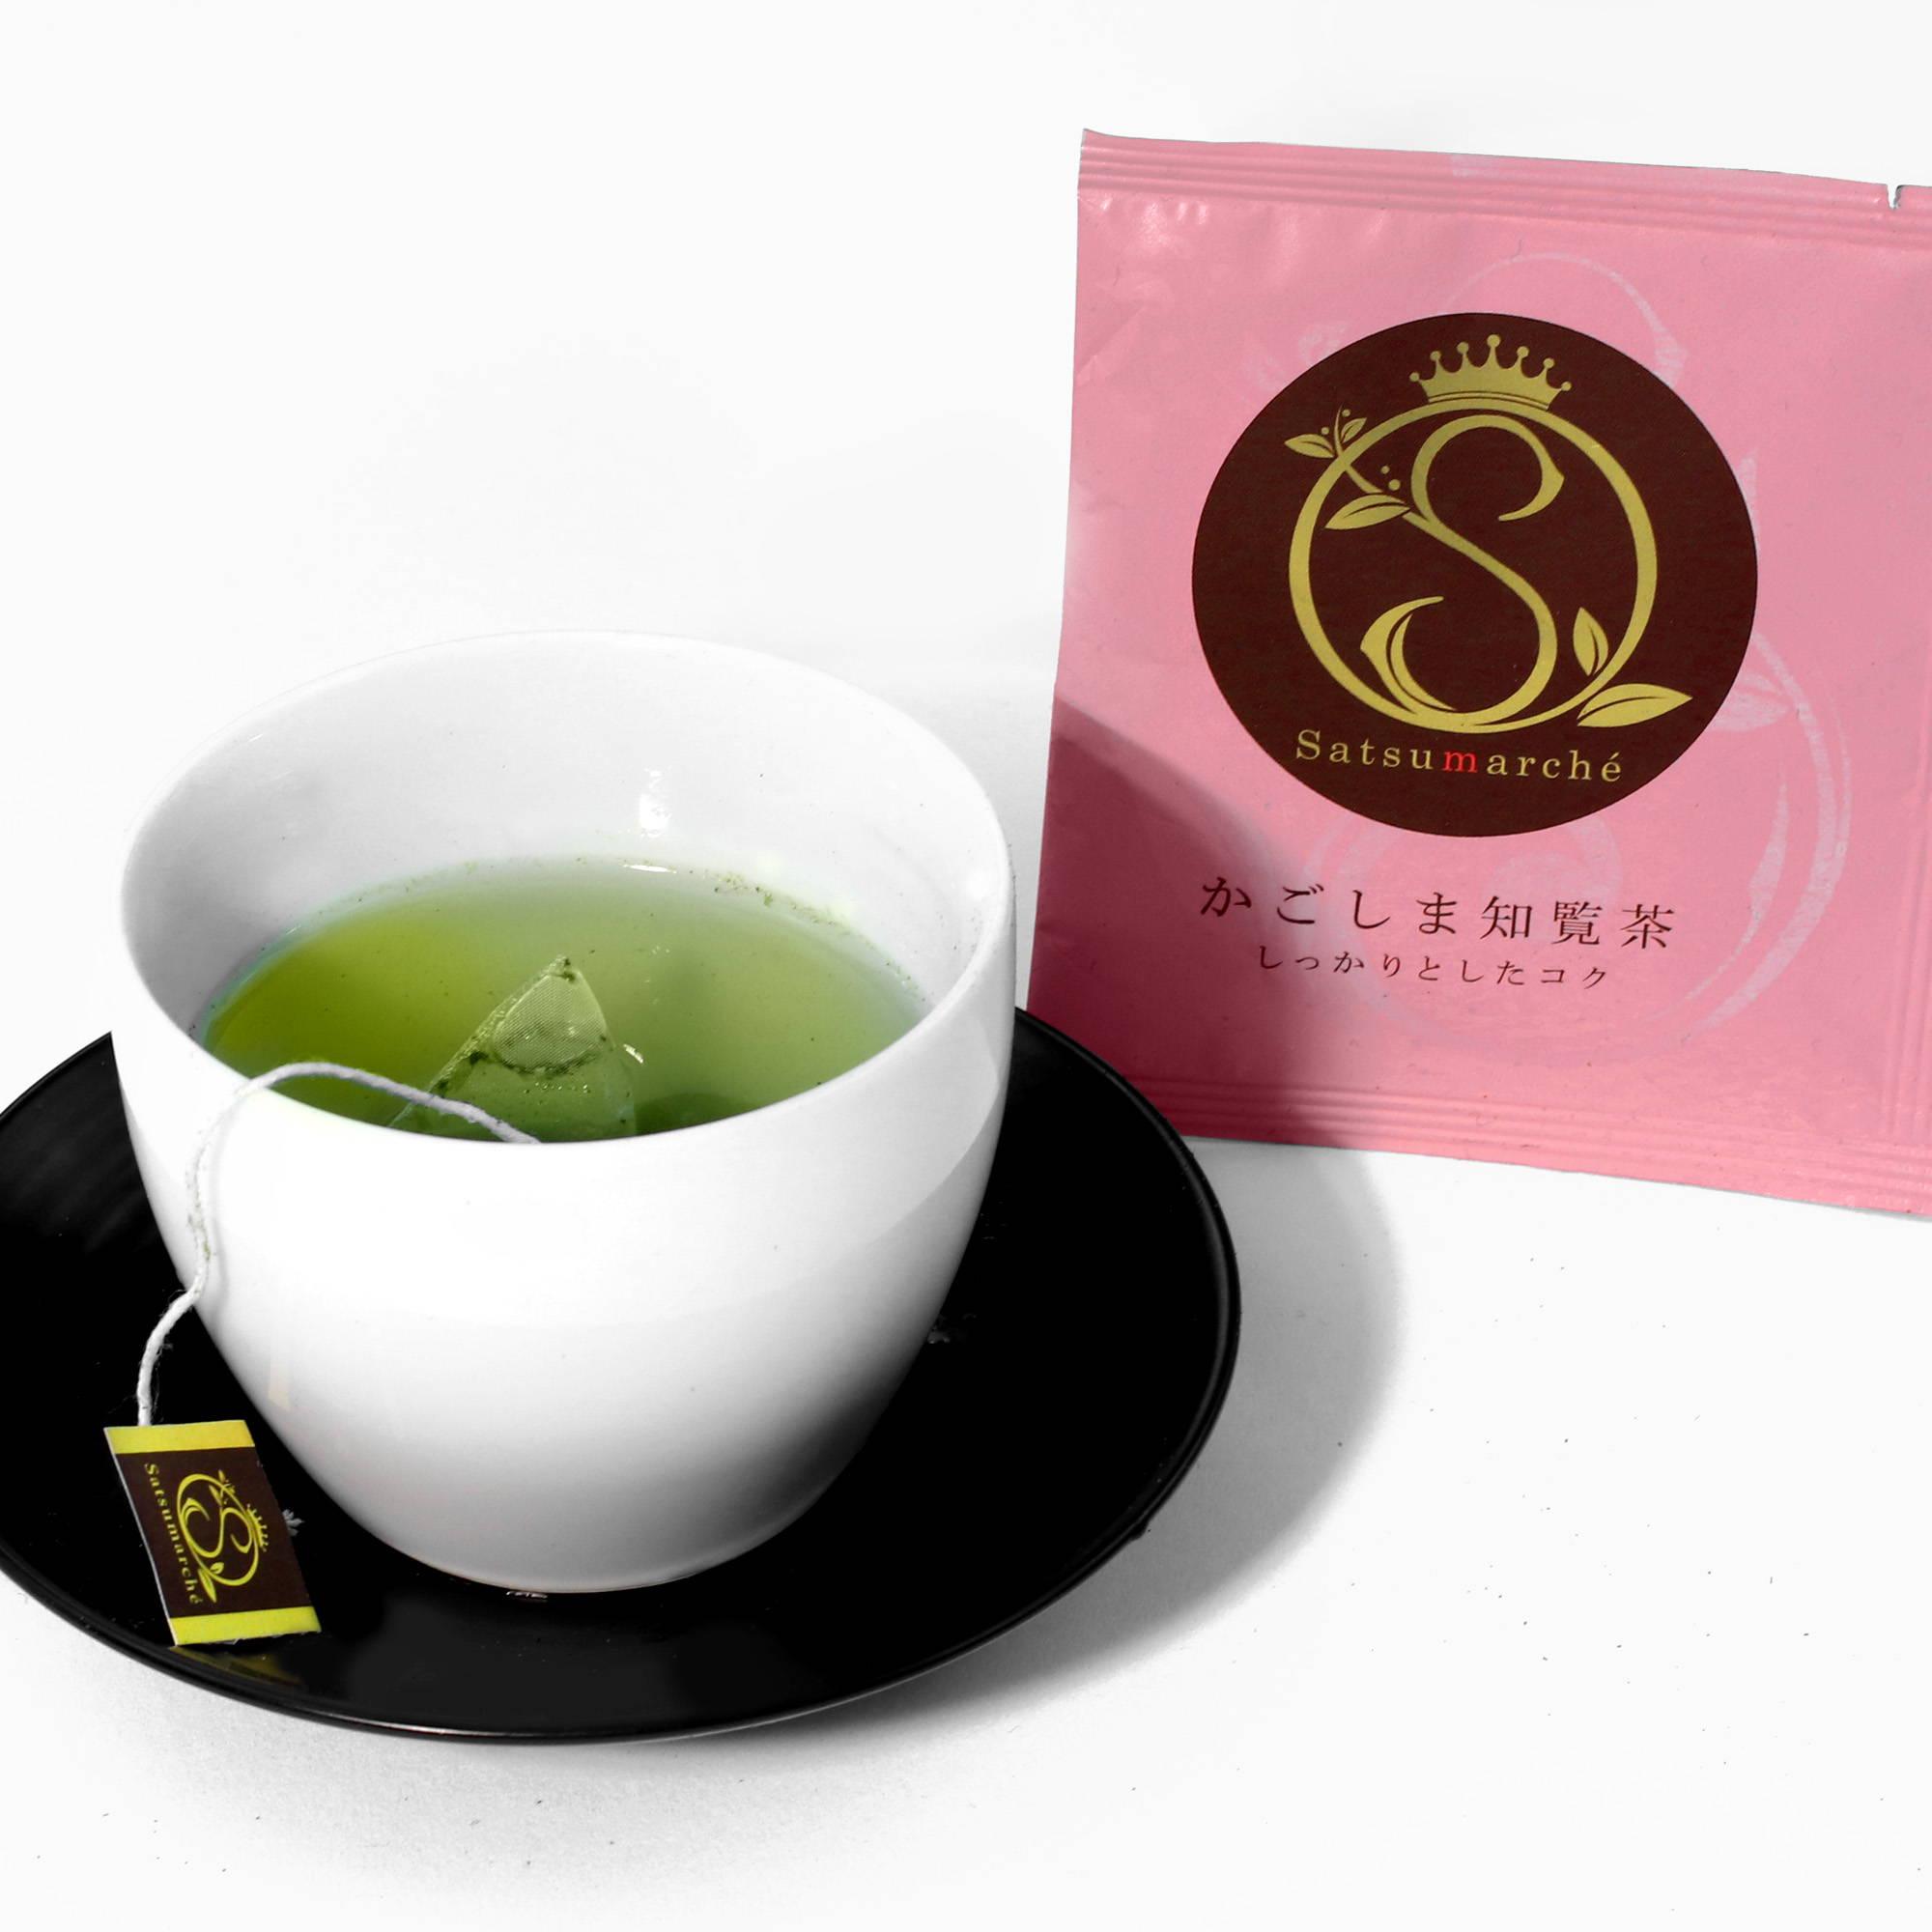 Satsumarche Kagoshima Chiran Tea